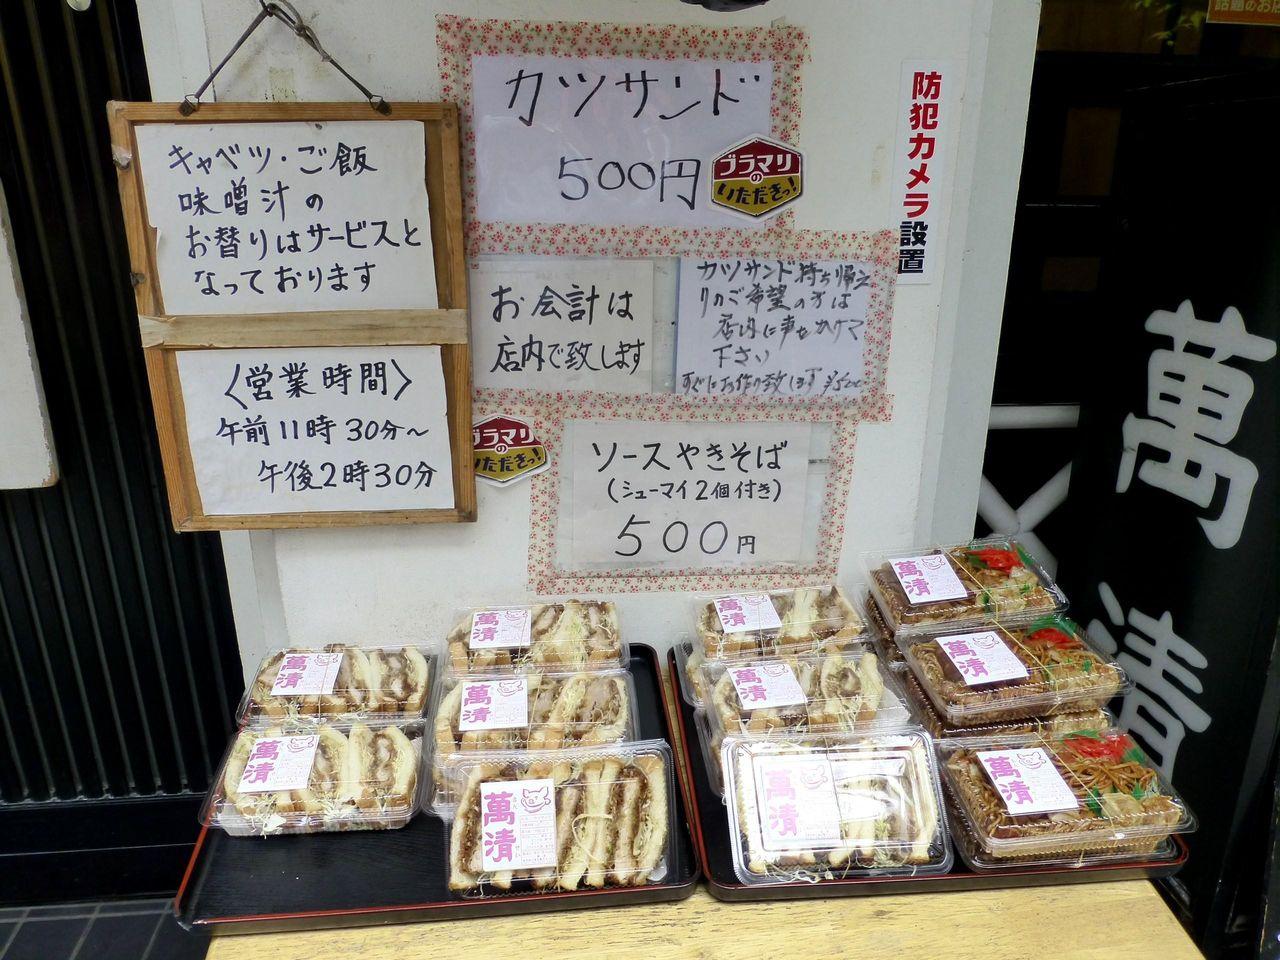 店頭でカツサンドと焼きそばを販売しています!